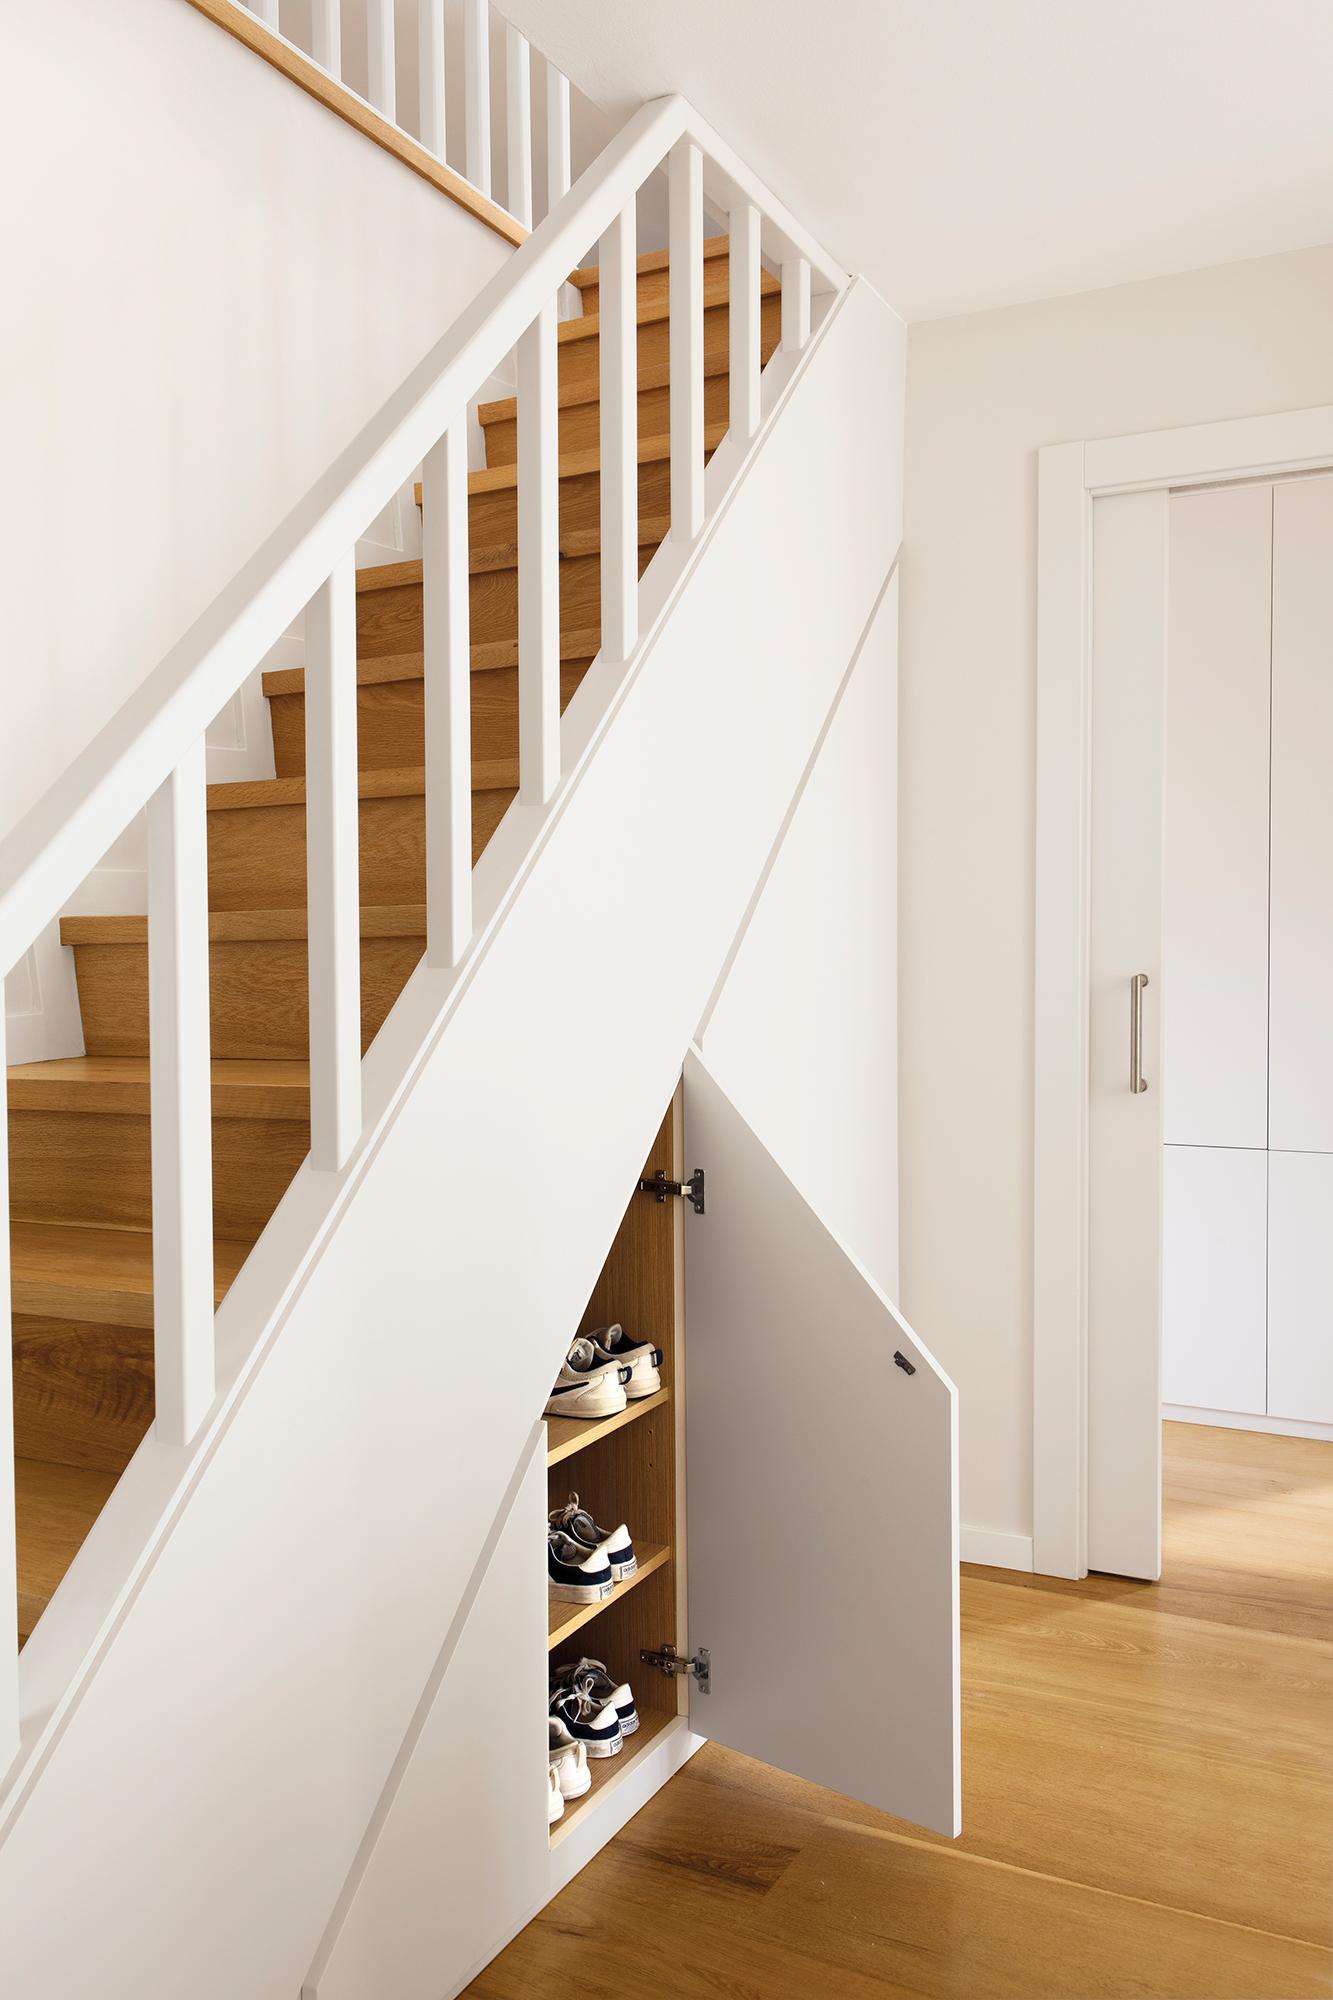 Escaleras c mo planificarlas con acierto - Peldanos de escaleras ...